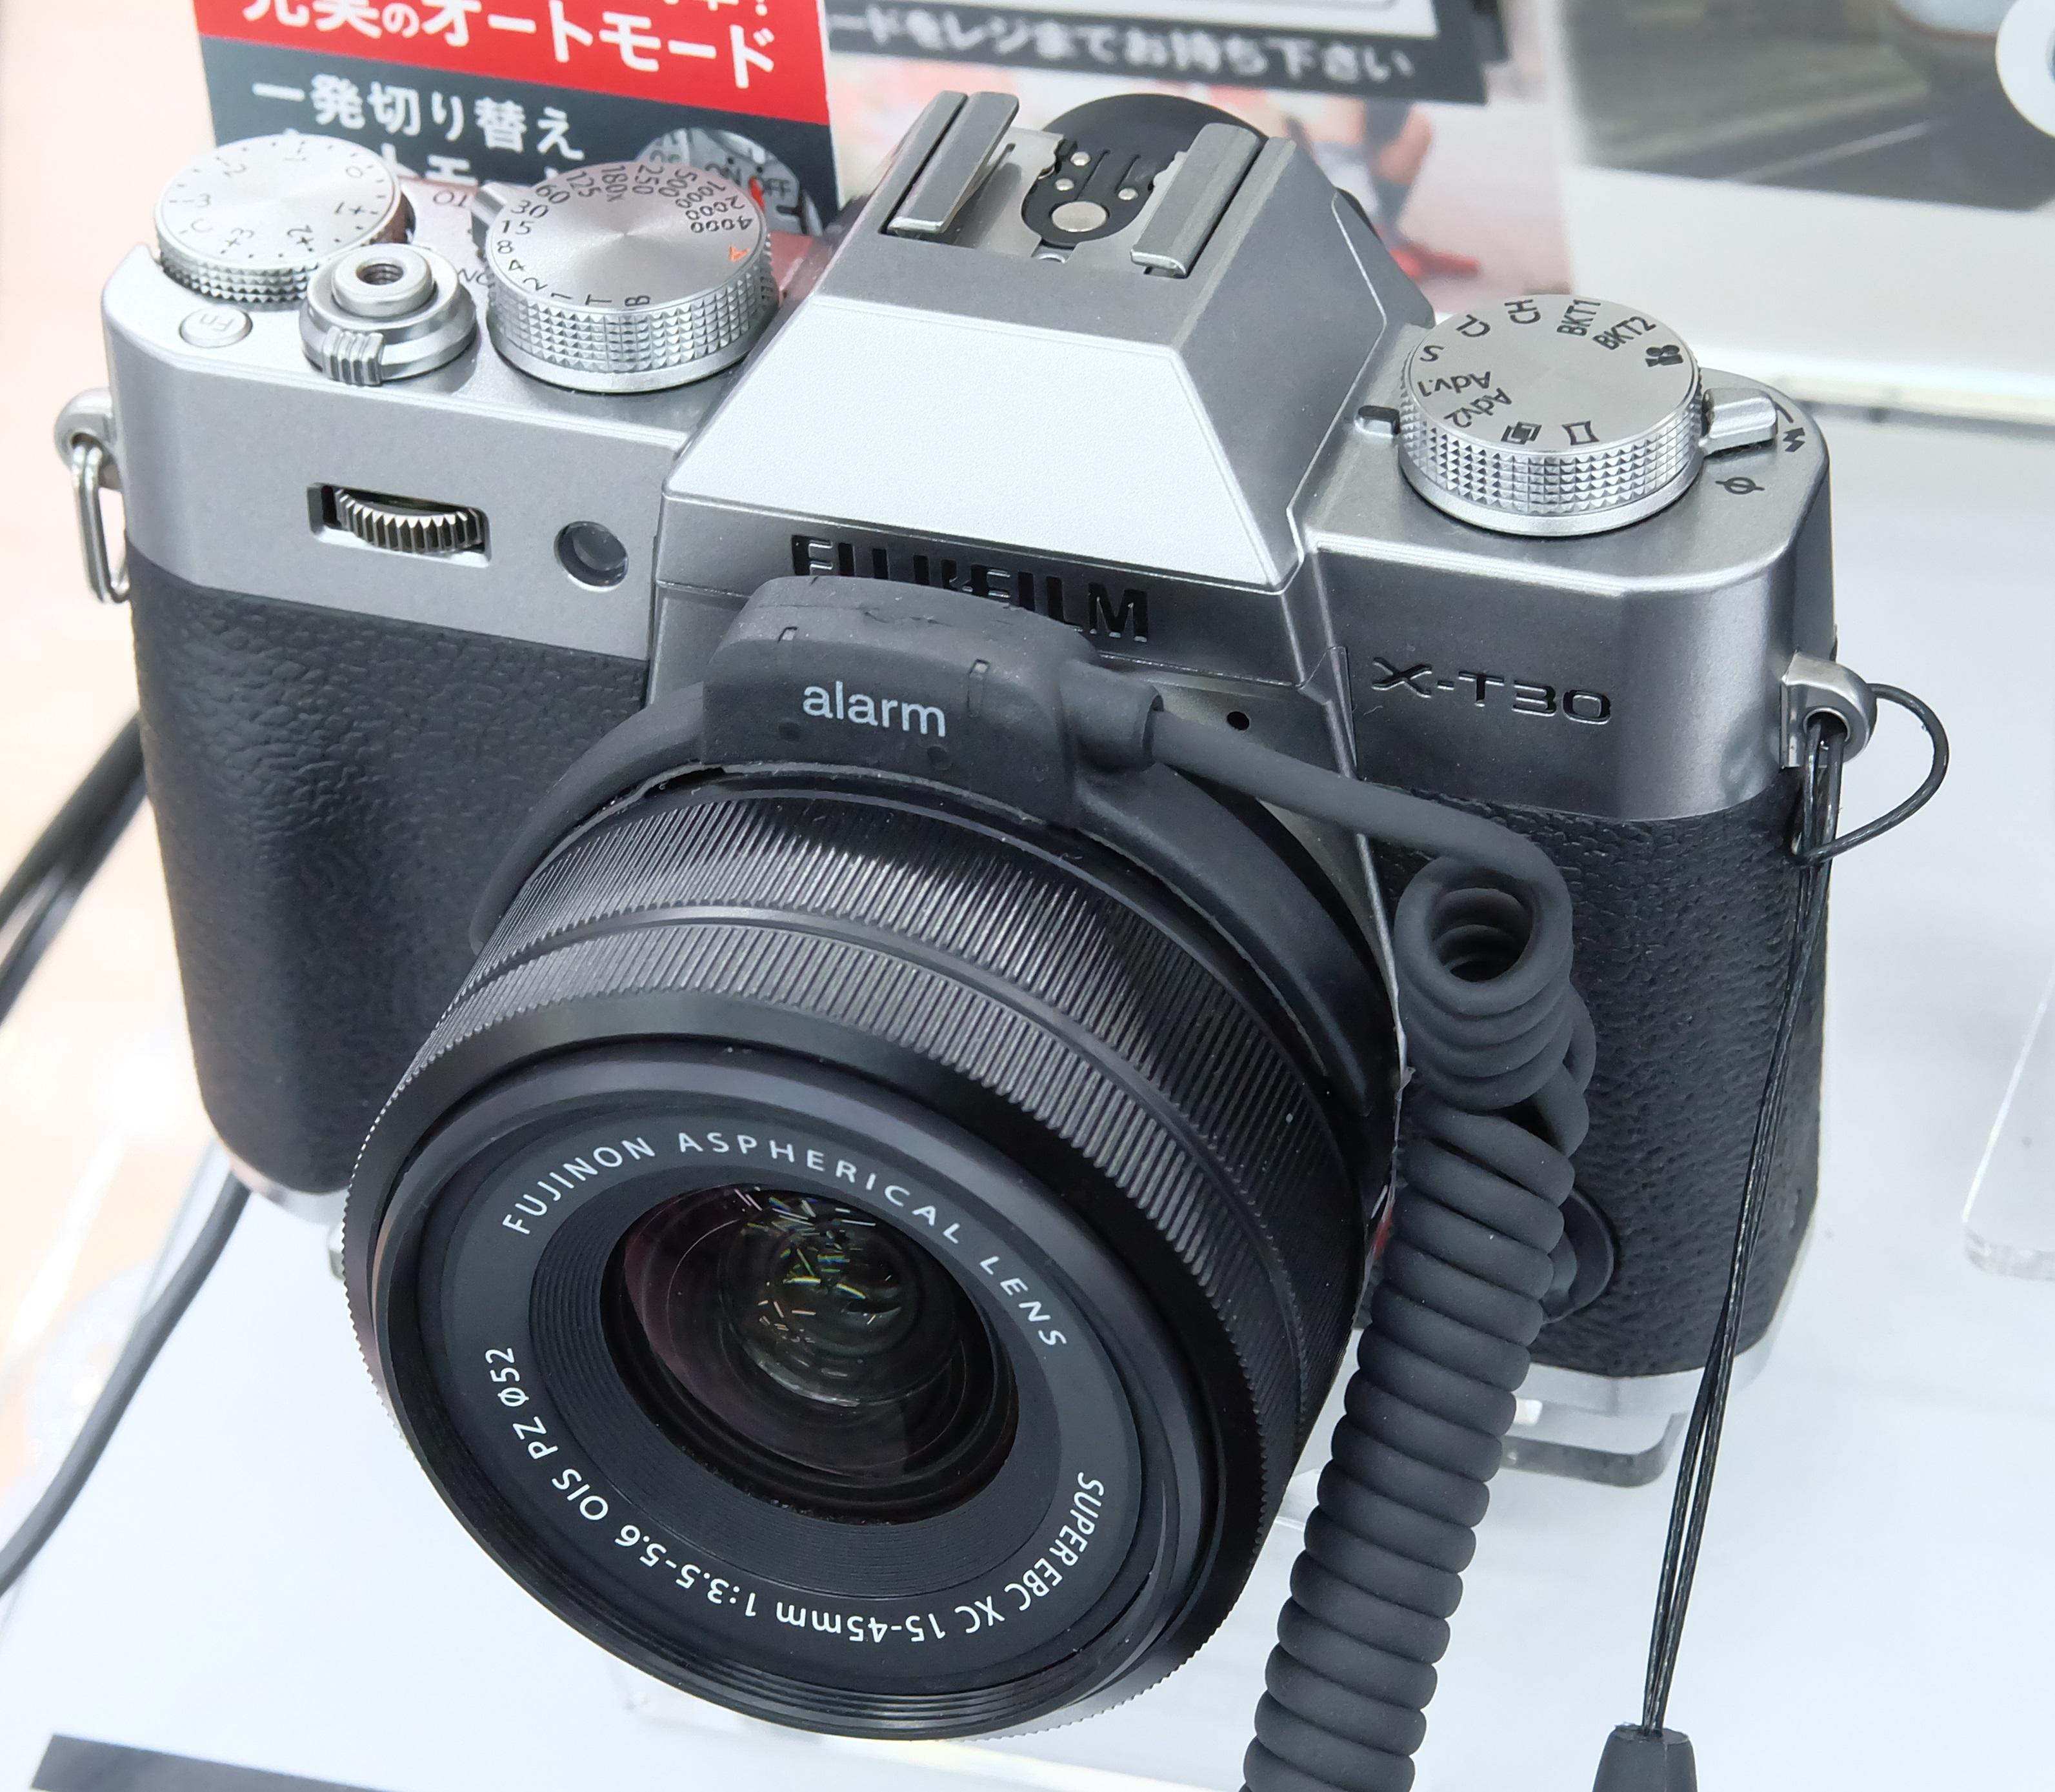 Fujifilm X-T30 - Wikipedia